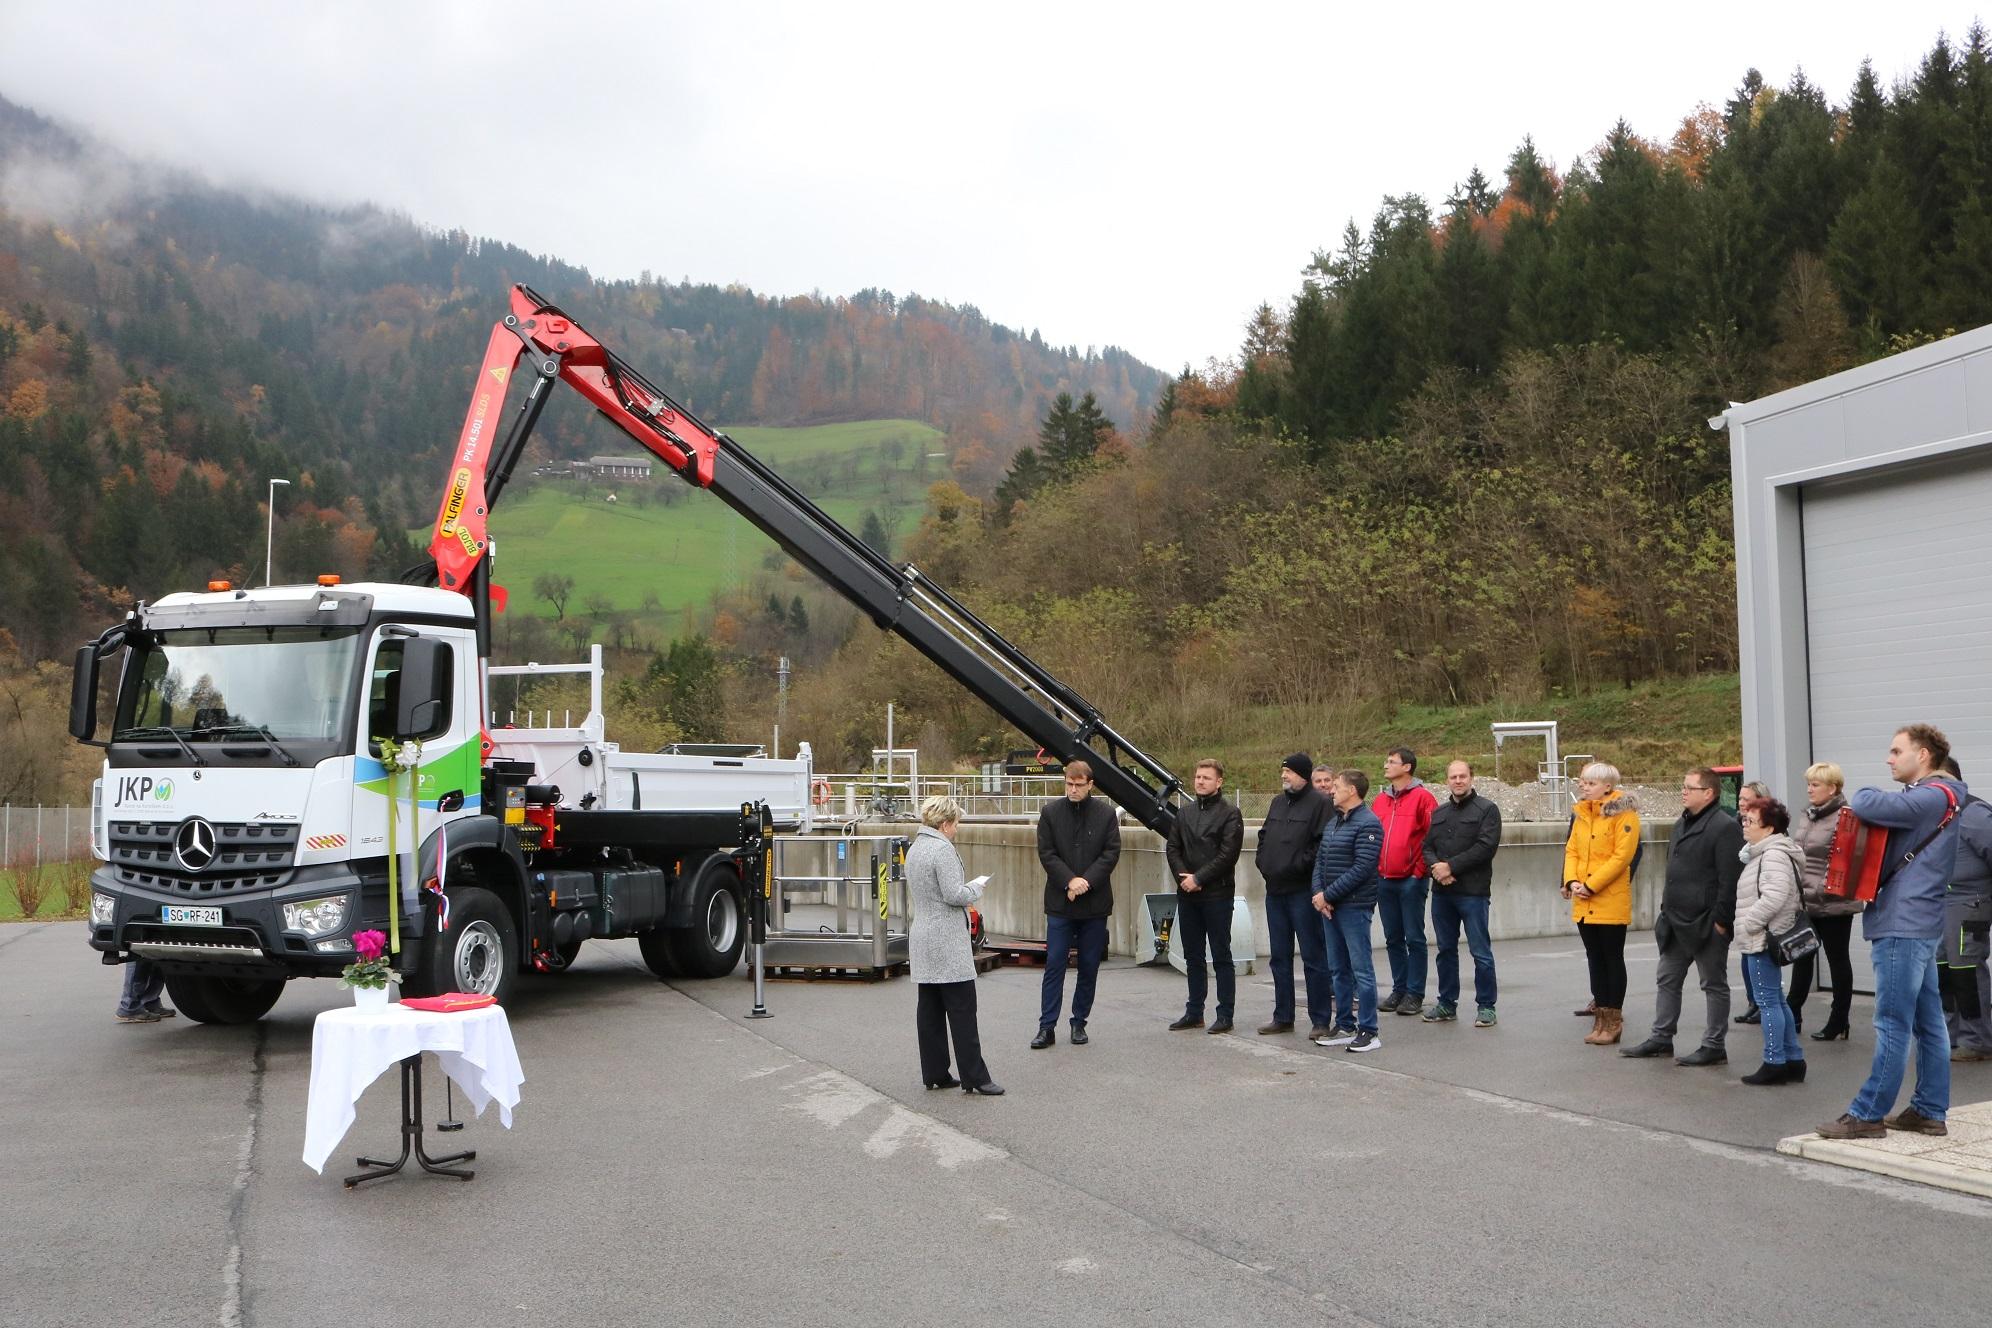 Direktorica Andreja Jehart stoji ob novem tovornem vozilu in nagovarja udeležence slovesne predaje